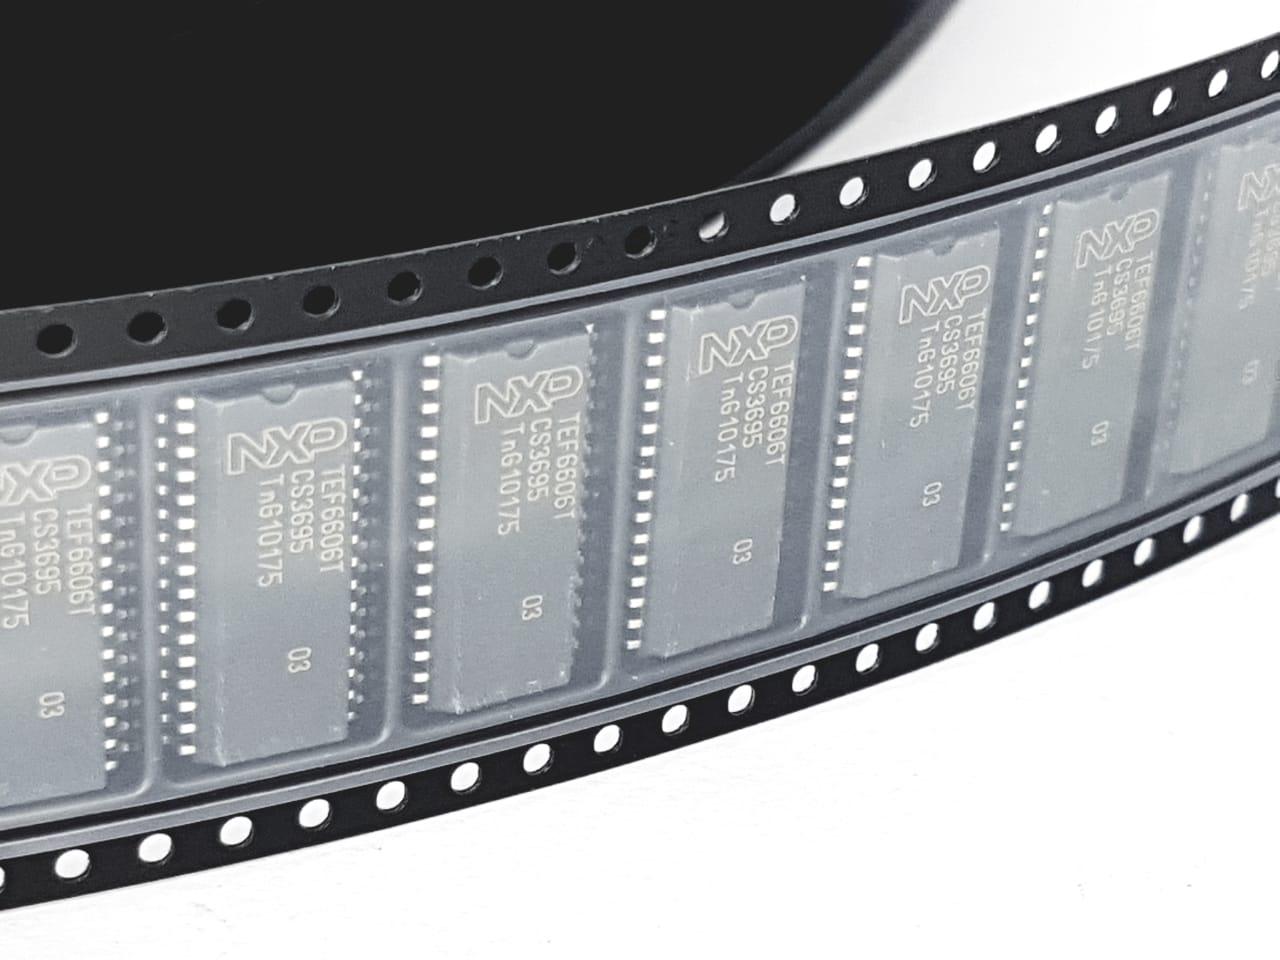 Tef 6606t V.5 Circuito Integrado Tef 6606t NXP